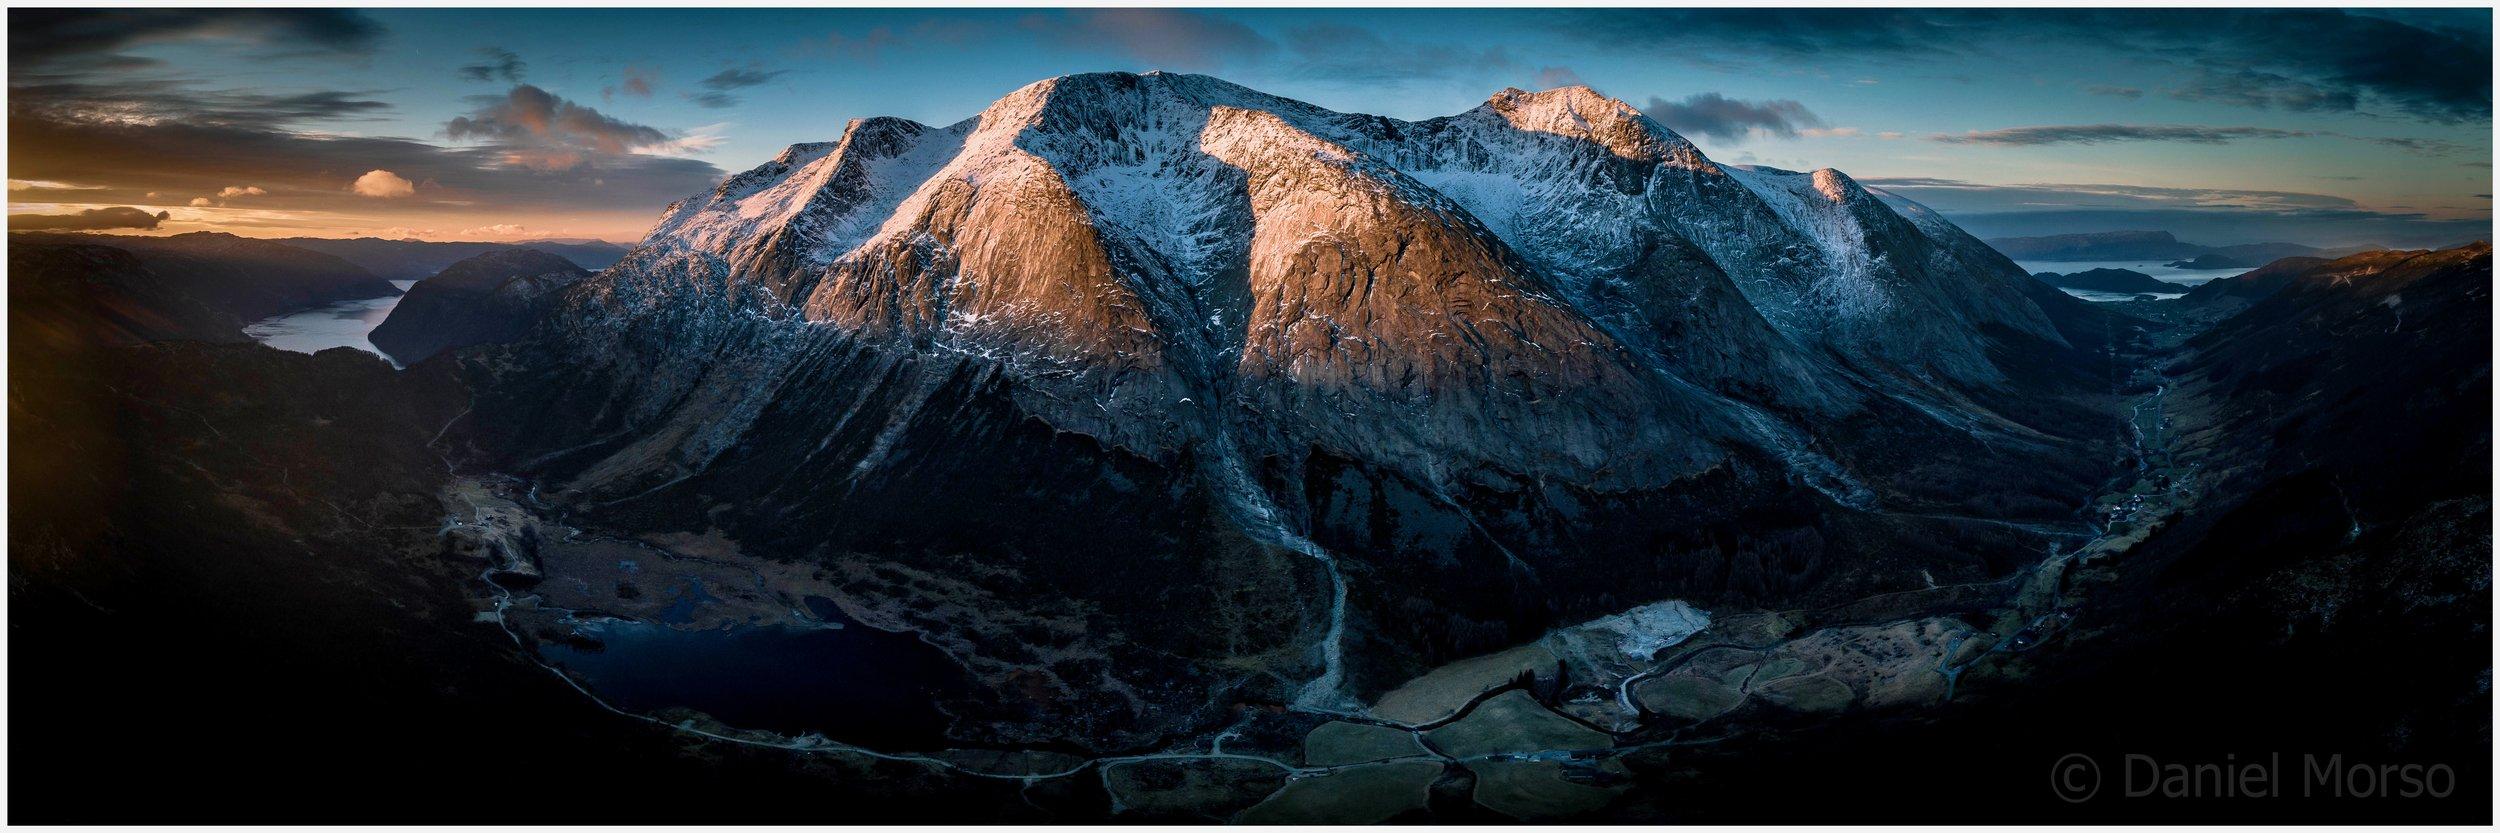 Hobbyfotografen Daniel Morso er stadig vekk på farten med dronen sin rundt omkring i Kvinnherad. Det blir det mange flotte bilete av. Dette er den mektige Ulvanosa (1248 m o.h.) i Uskedalen. Øverst i dalen ligg Fjellandsbøvatnet (191 m o.h.) og til venstre ser vi Matersfjorden.